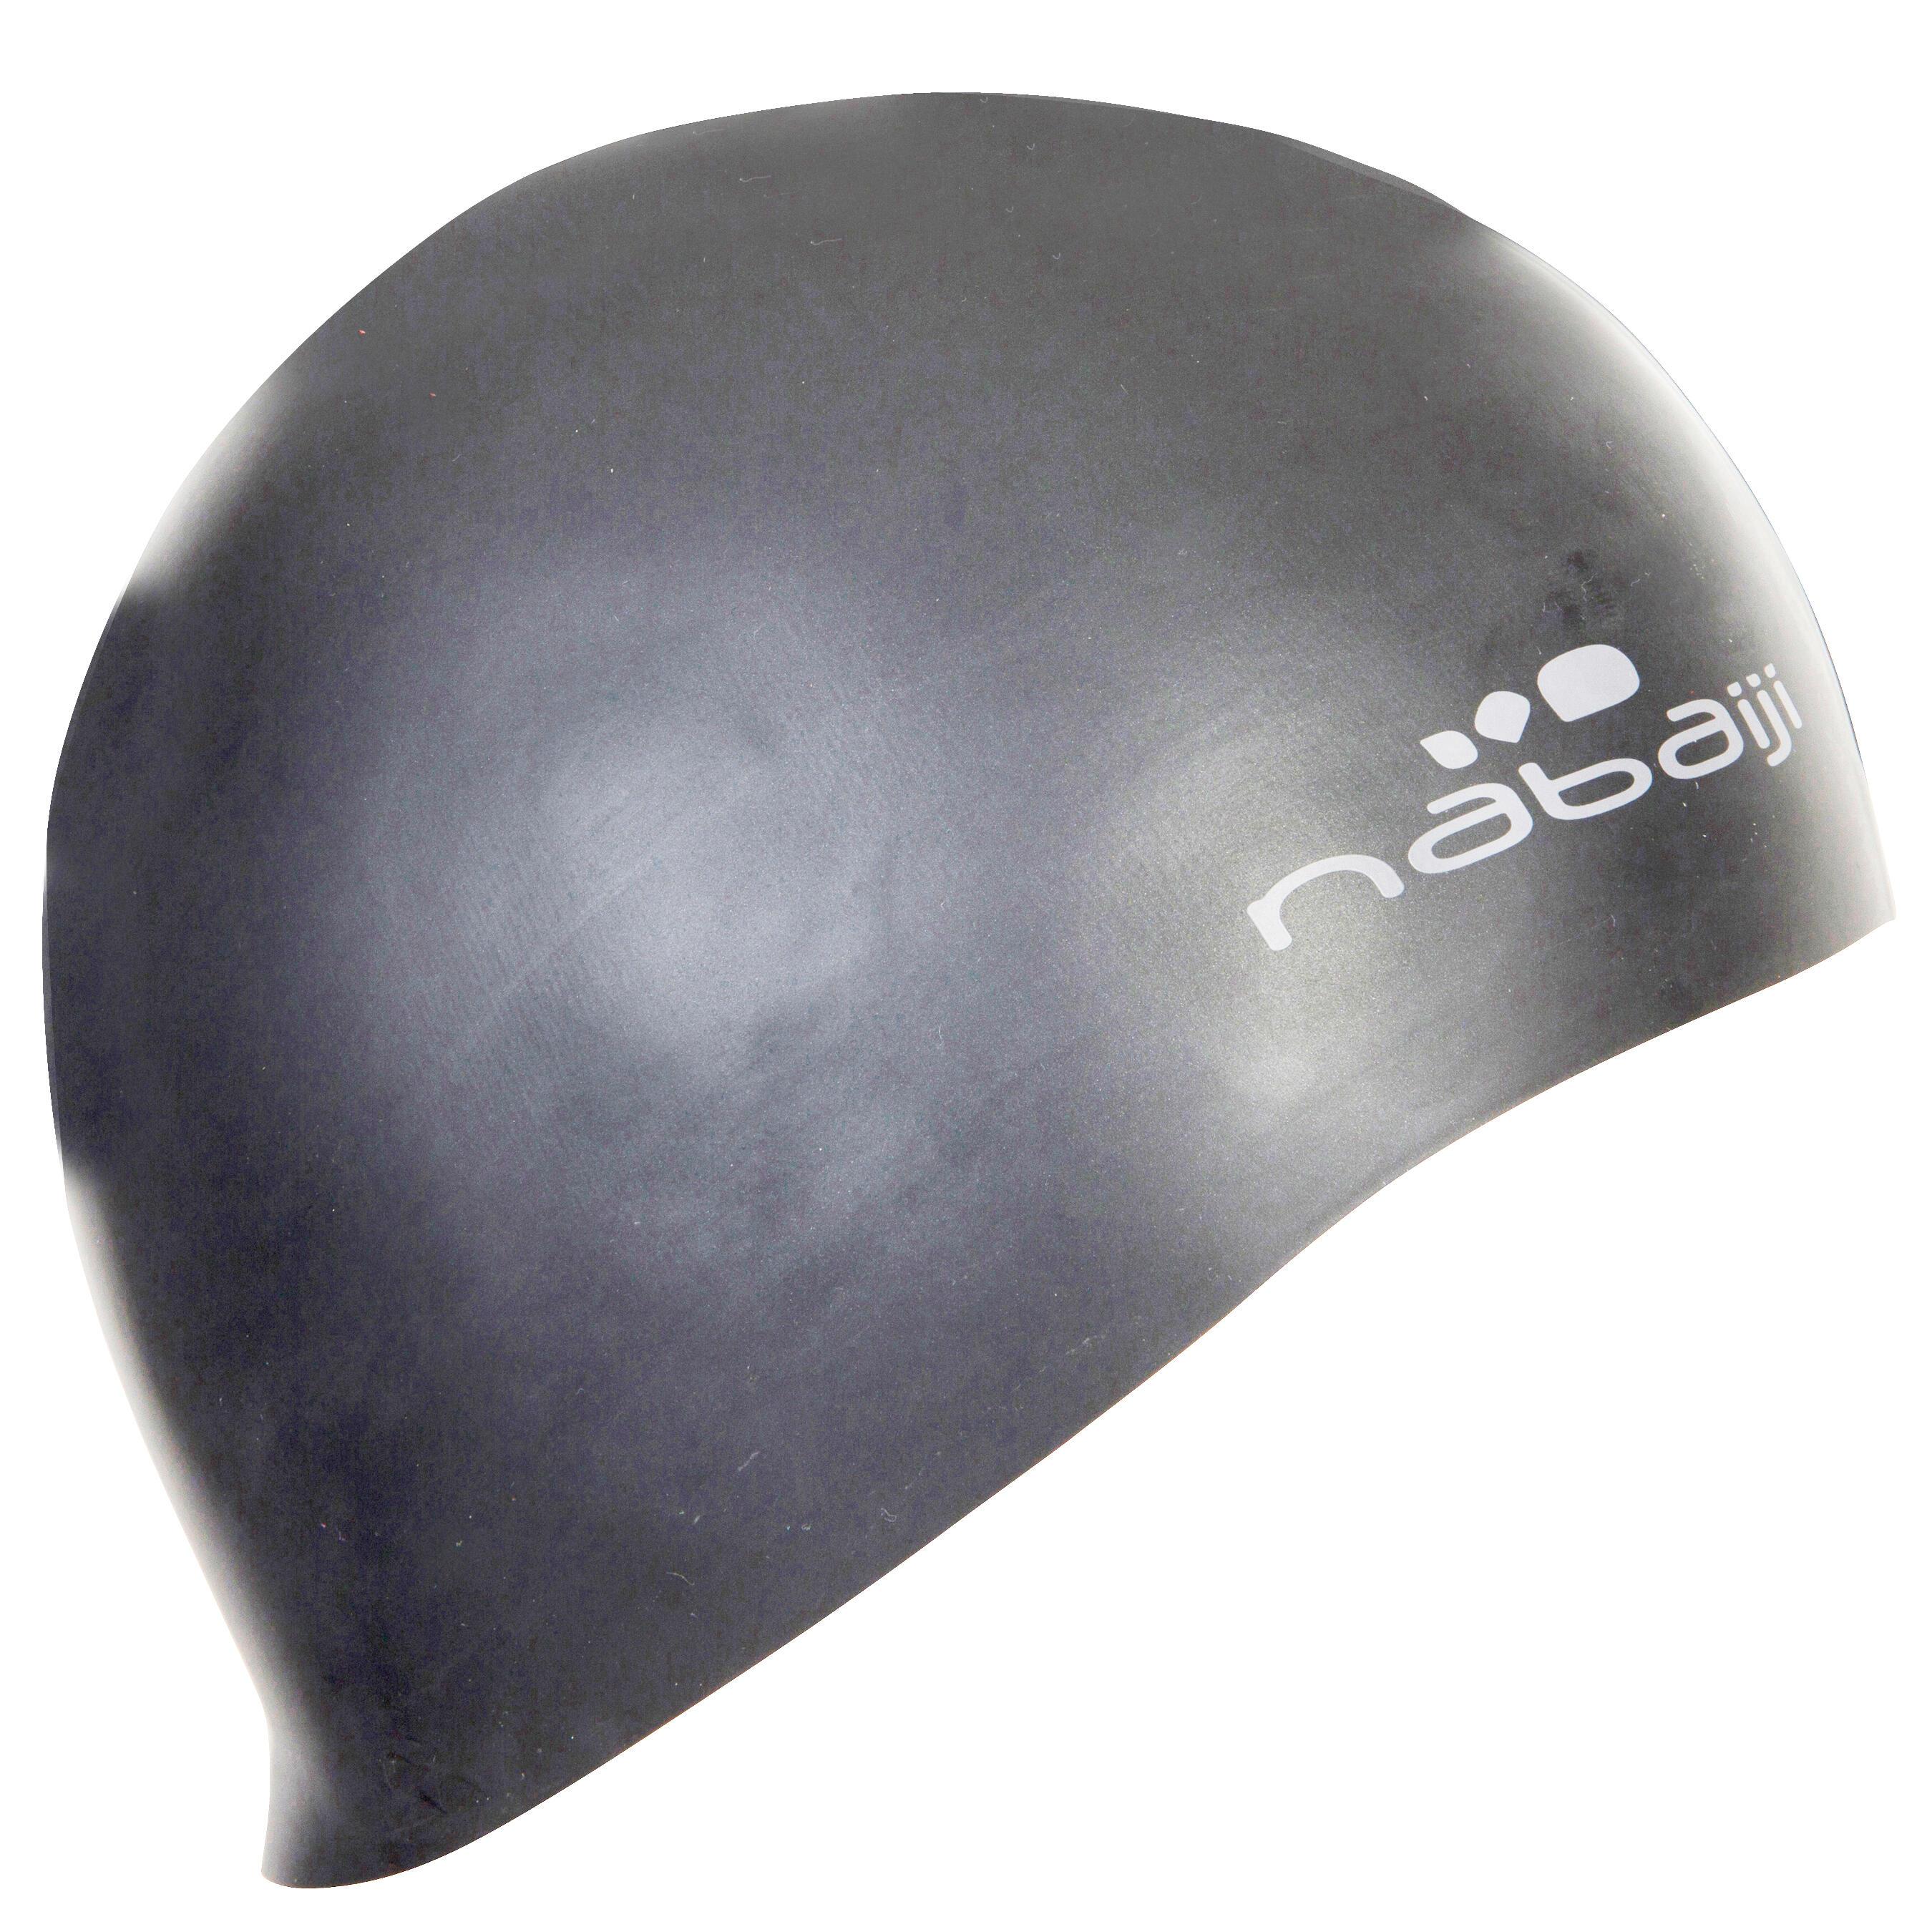 SILICONE 900 SWIM CAP GREY